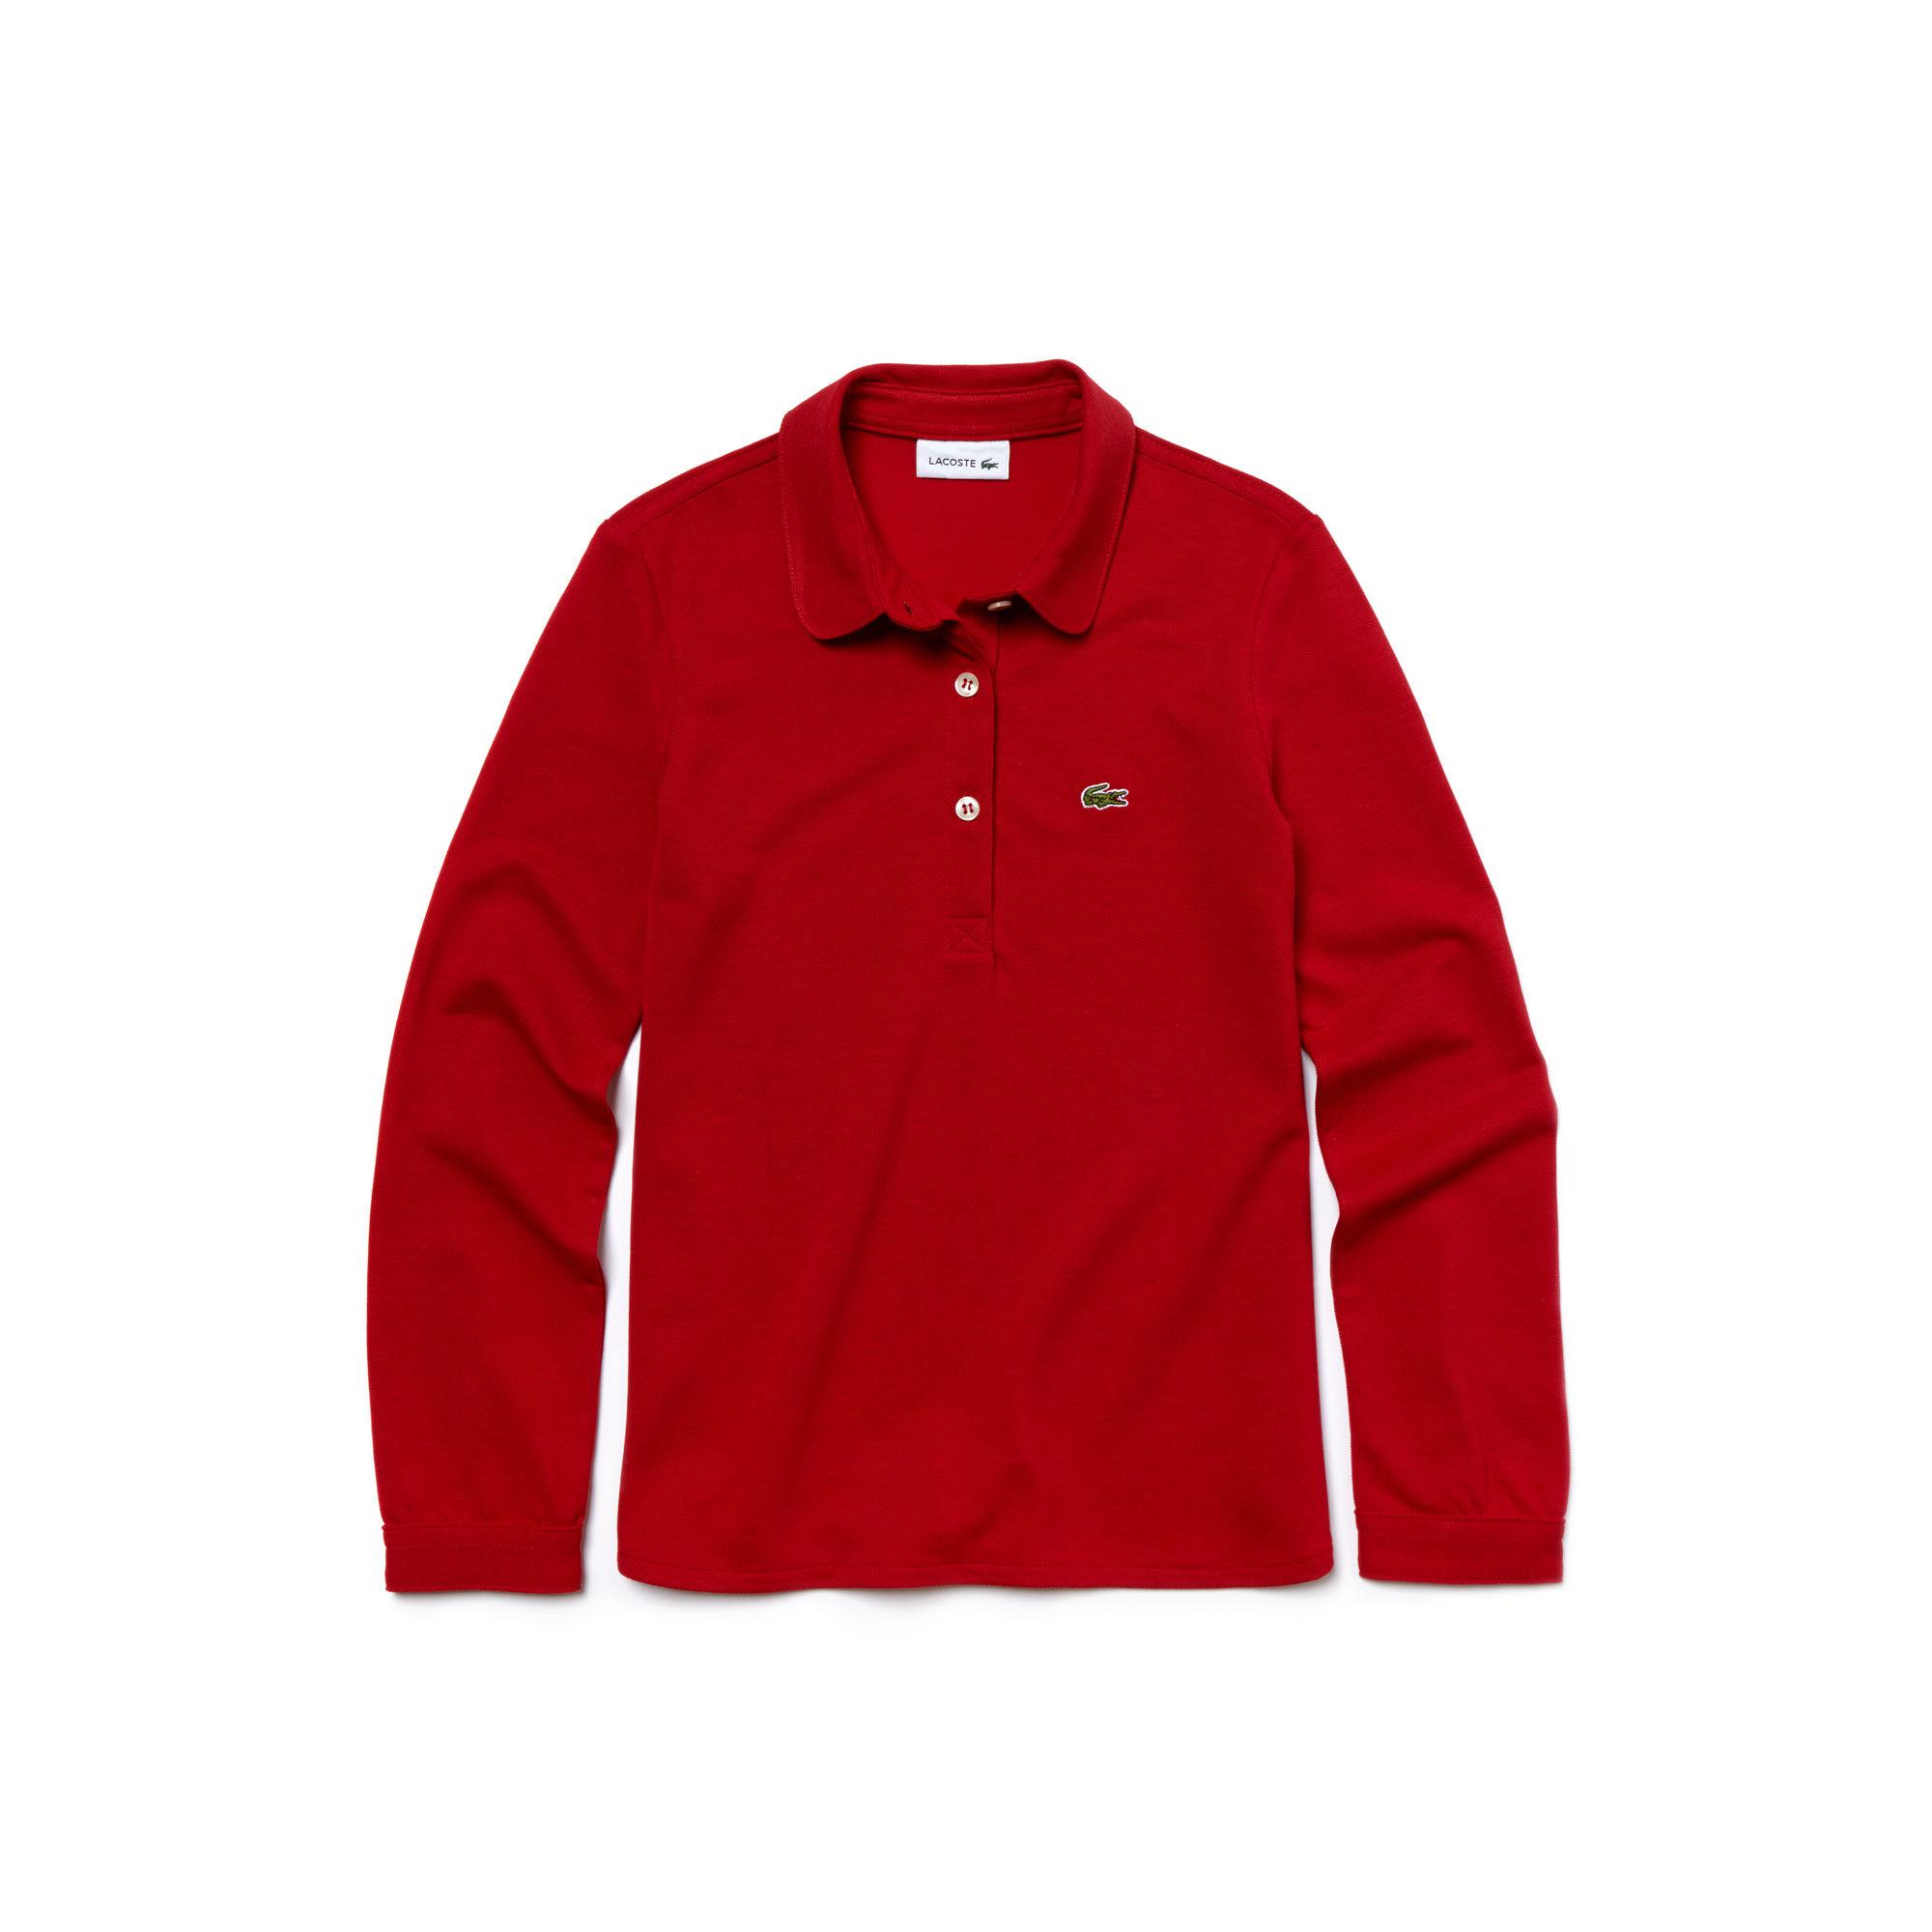 Купить Поло Lacoste, красный, PJ2972